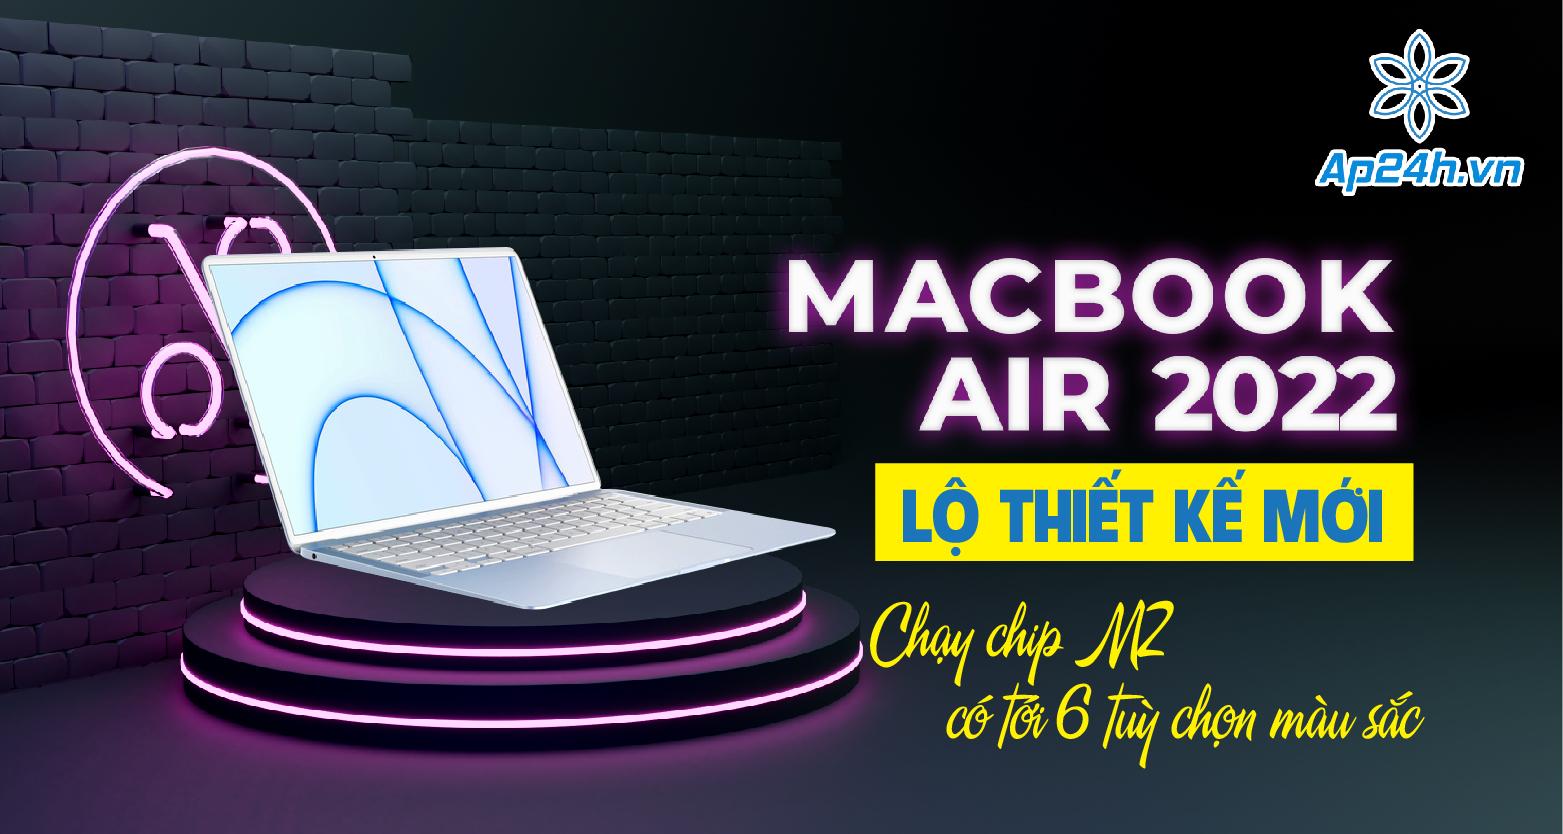 Macbook Air 2022 lộ thiết kế mới